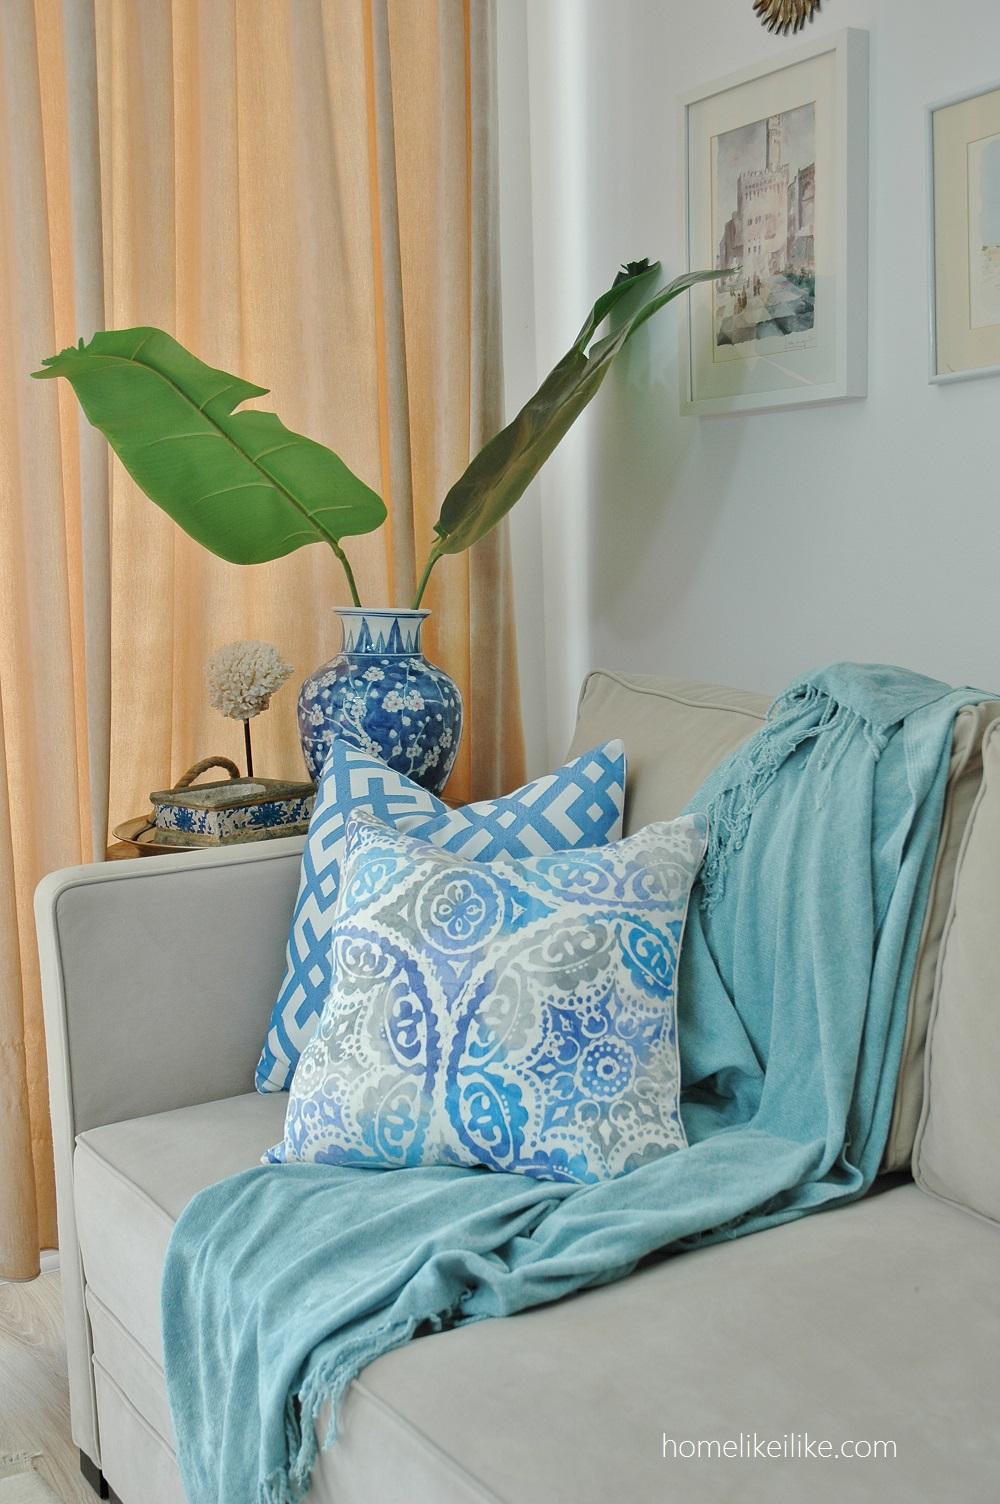 moc kolory - blue and white - homelikeilike.com